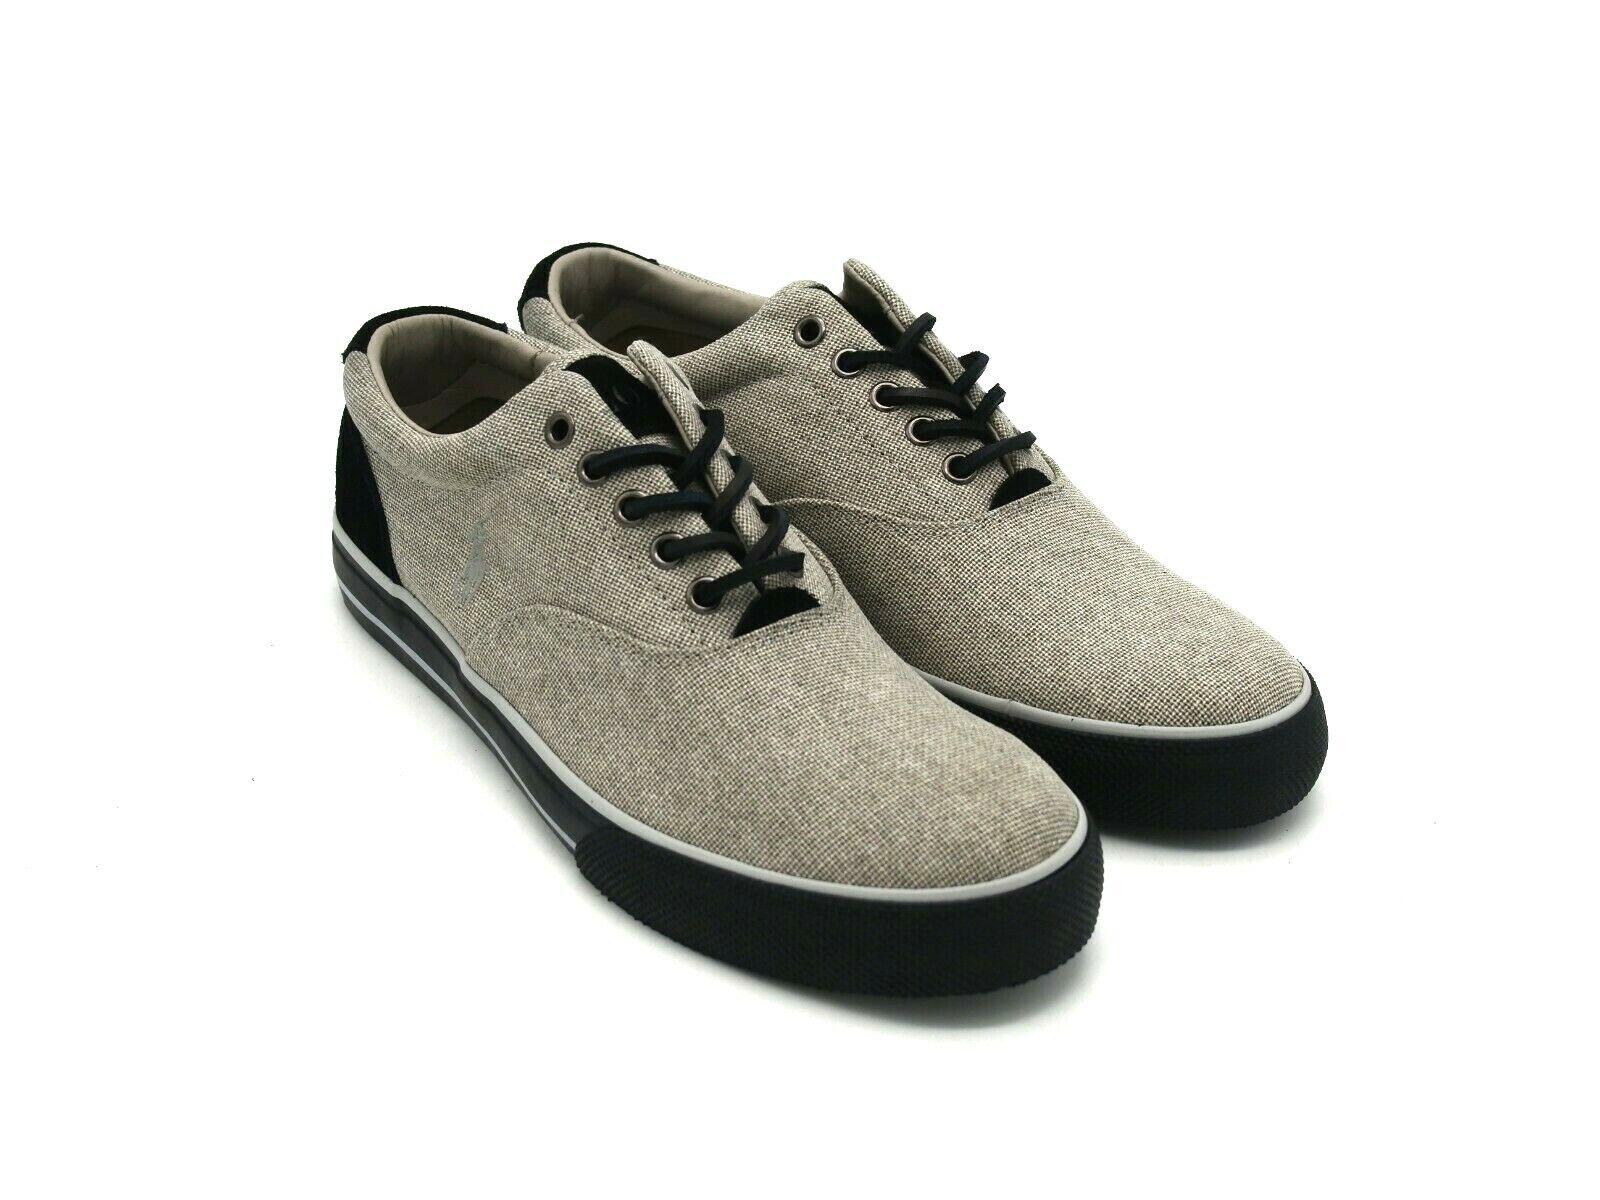 D2544 New Men's Ralph Lauren Polo Vaughn Grey Athletic shoes 10 M